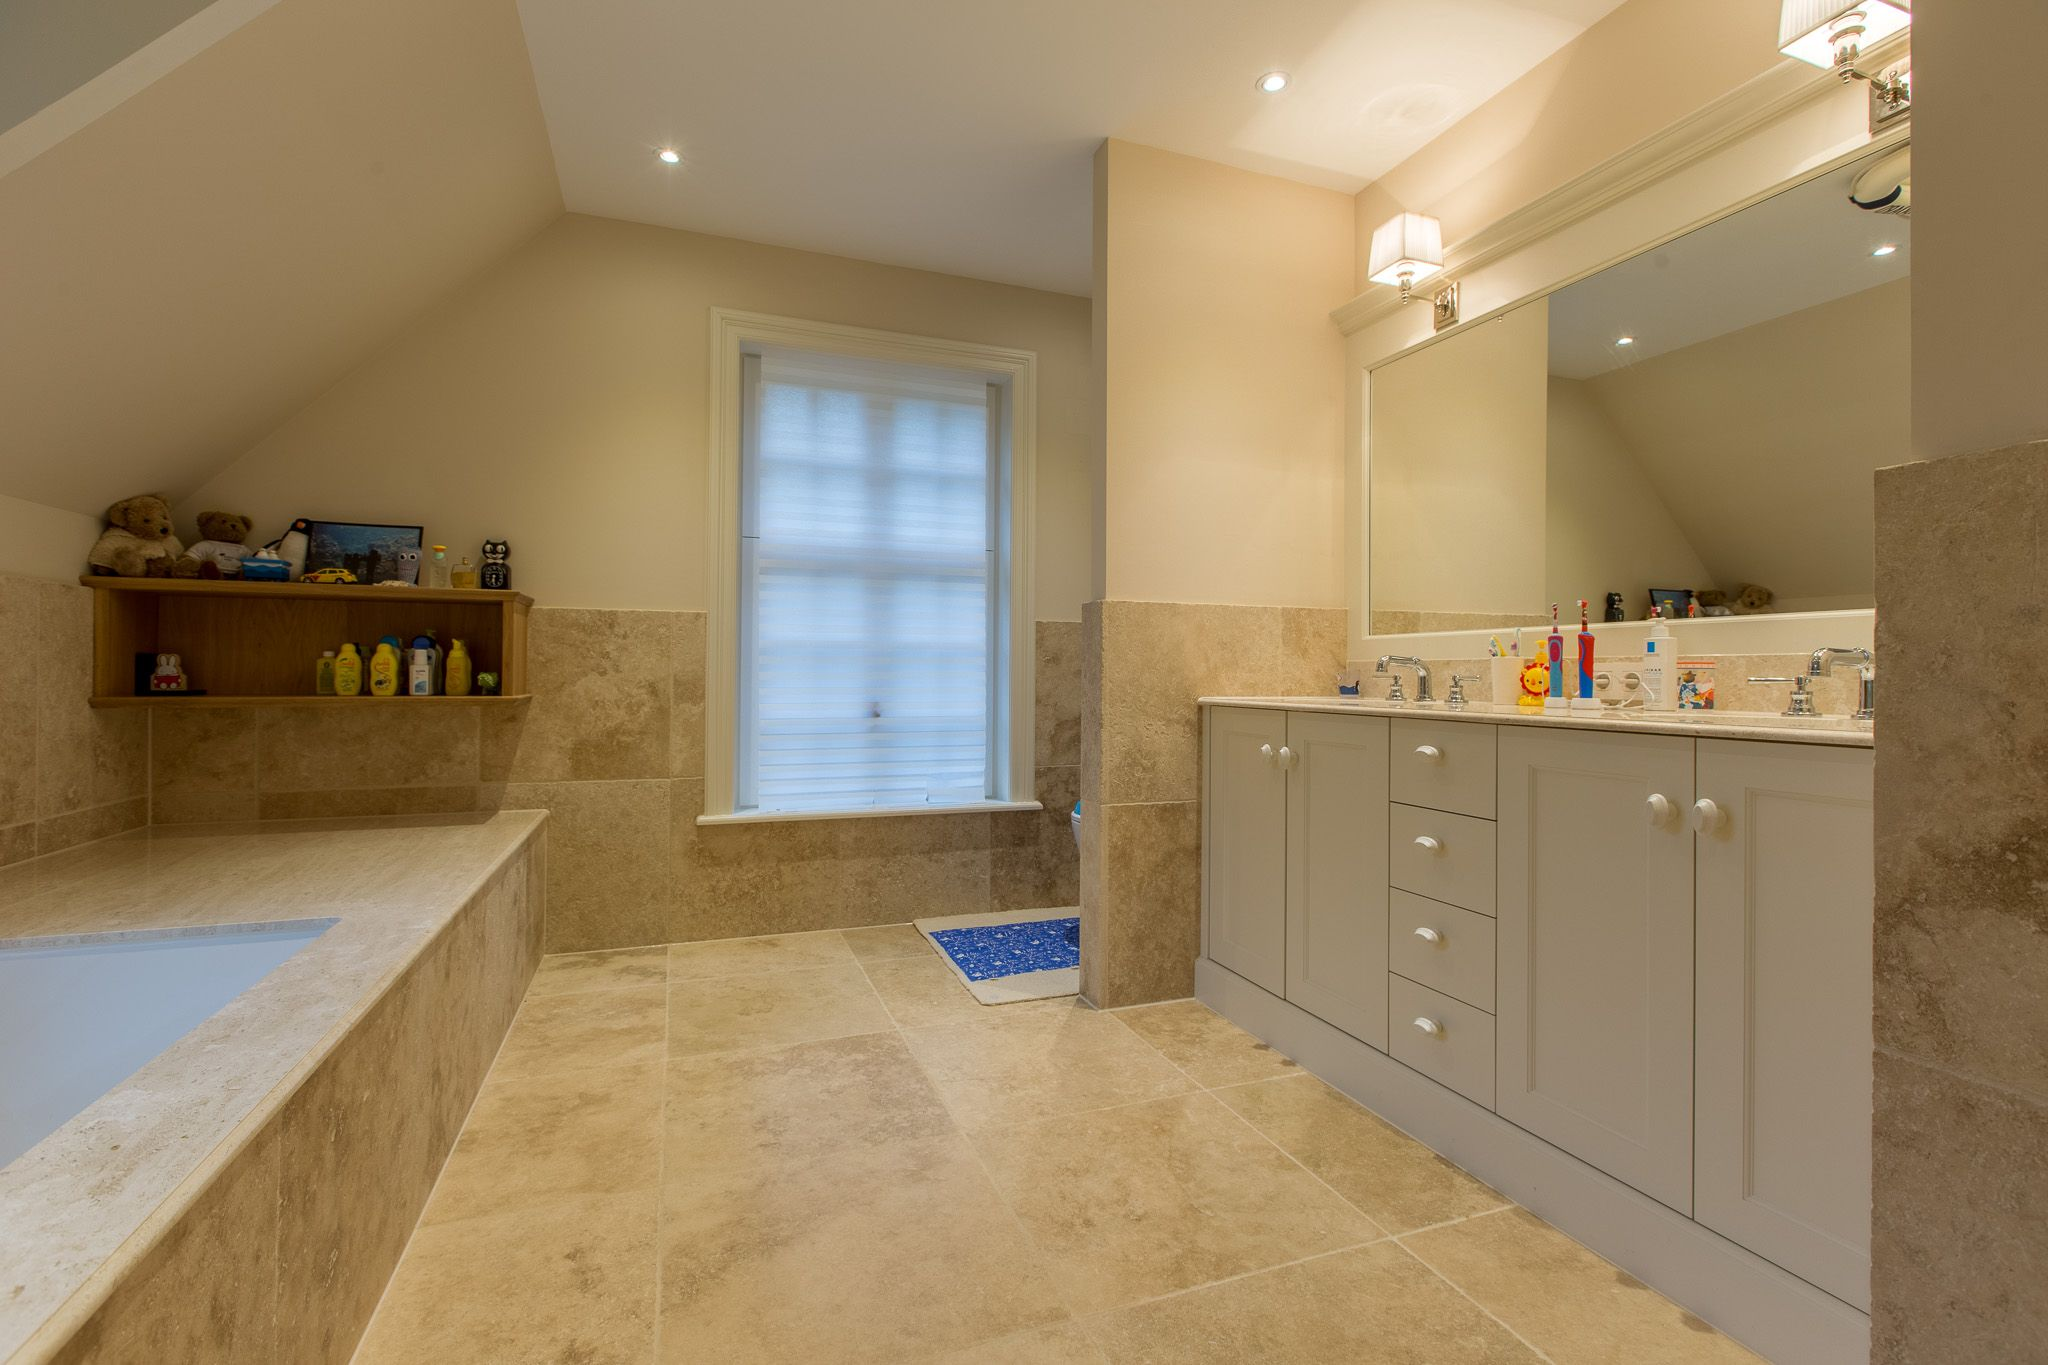 Travertin Voor Badkamer : Prachtige travertin badkamer met perlato maatwerk door van den